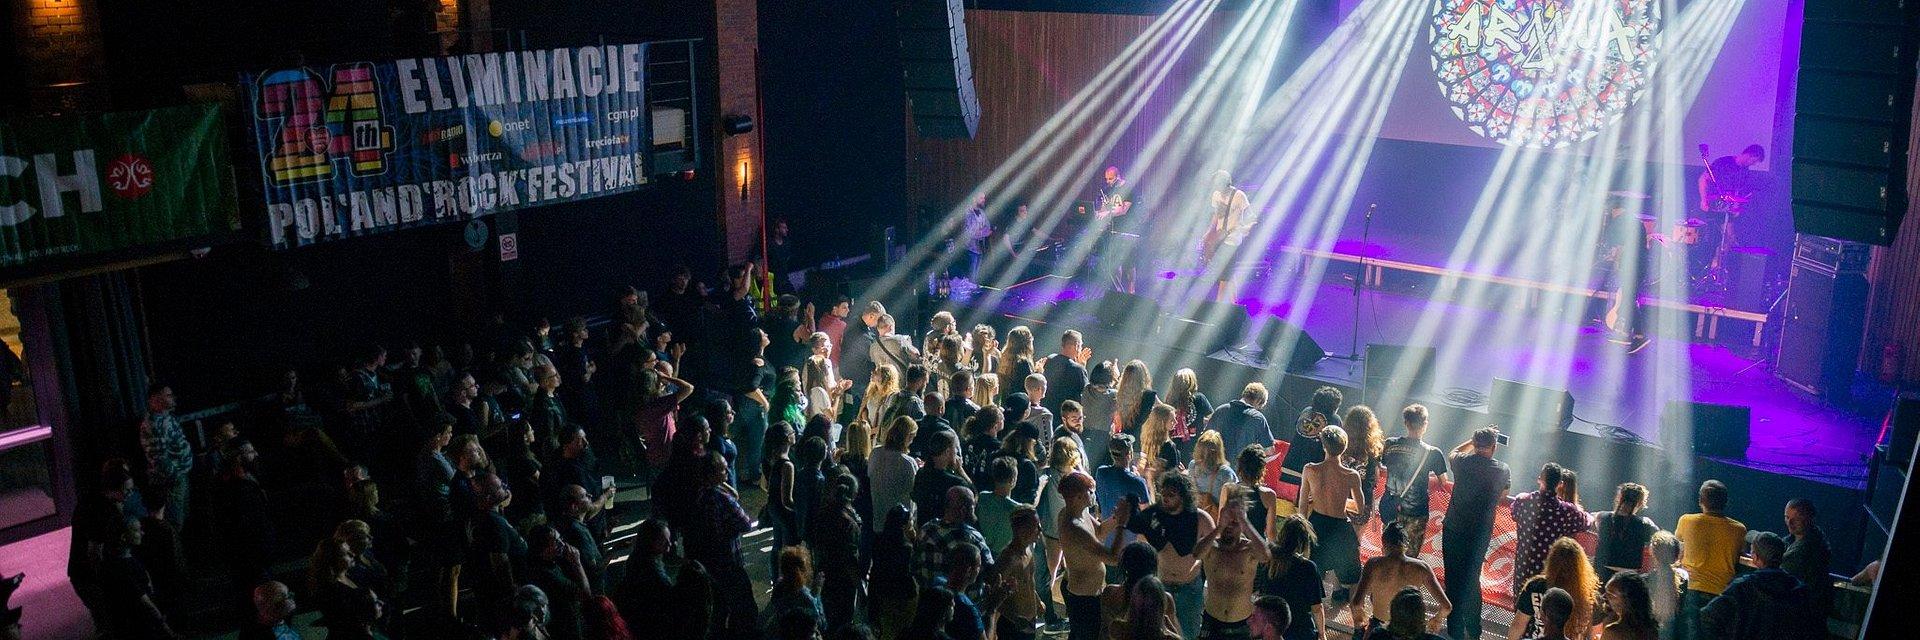 W najbliższą sobotę w Gdańsku Eliminacje do Pol'and'Rock Festival!